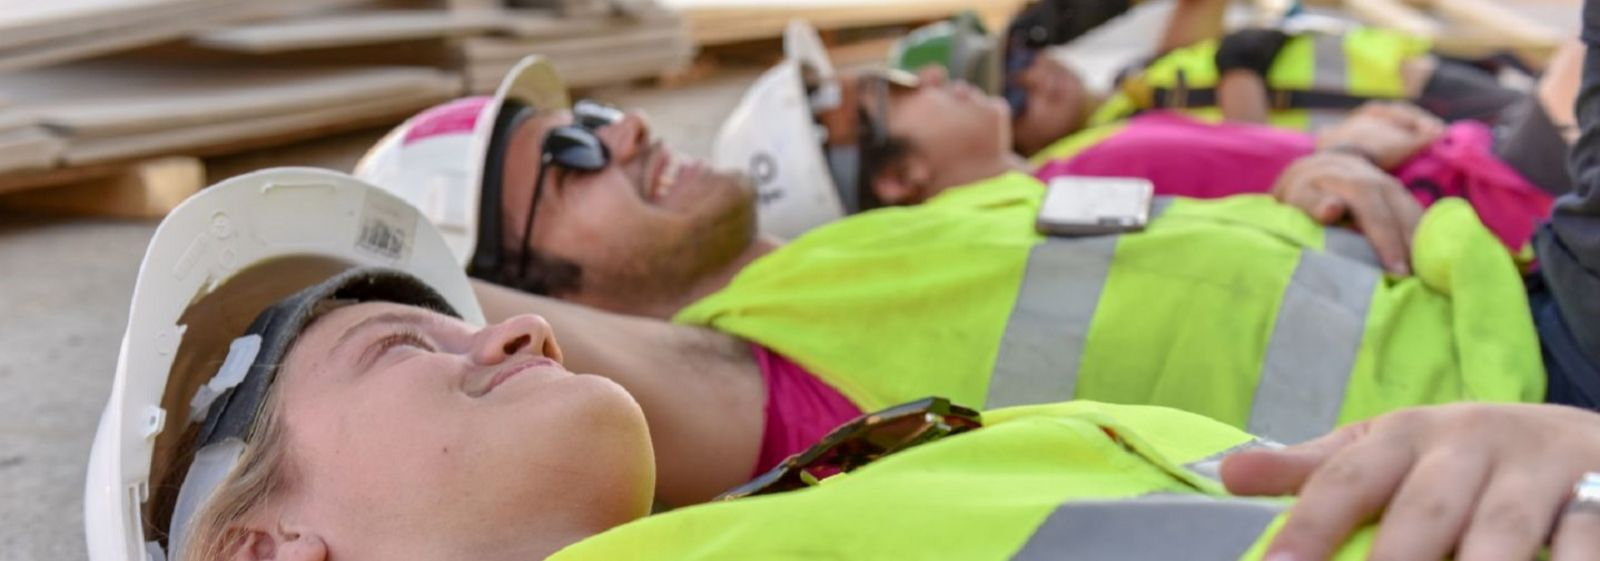 Der Solar Decathlon Europe 21 ist internationaler Zehnkampf für urbanes Bauen und Leben, der 2021 in Wuppertal stattfindet. Bei dem Hochschulwettbewerb treten 18 Teams in zehn Disziplinen gegeneinander ein.